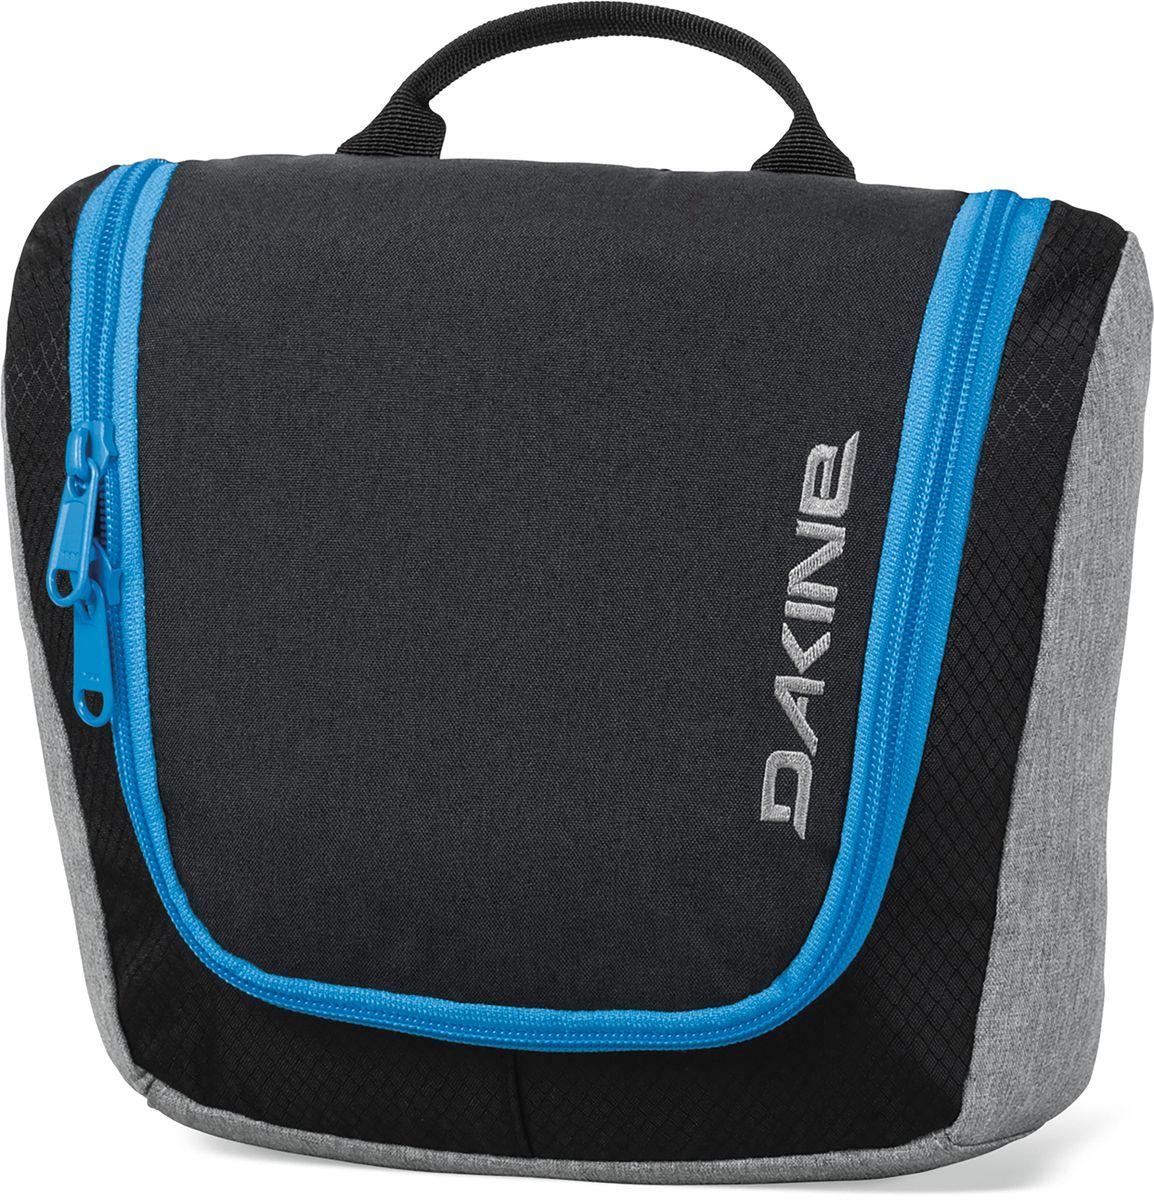 Косметичка дорожная Dakine Travel Kit, цвет: черный, синий, 3 л сумка для аксессуаров dakine accessory цвет синий черный 0 3 л